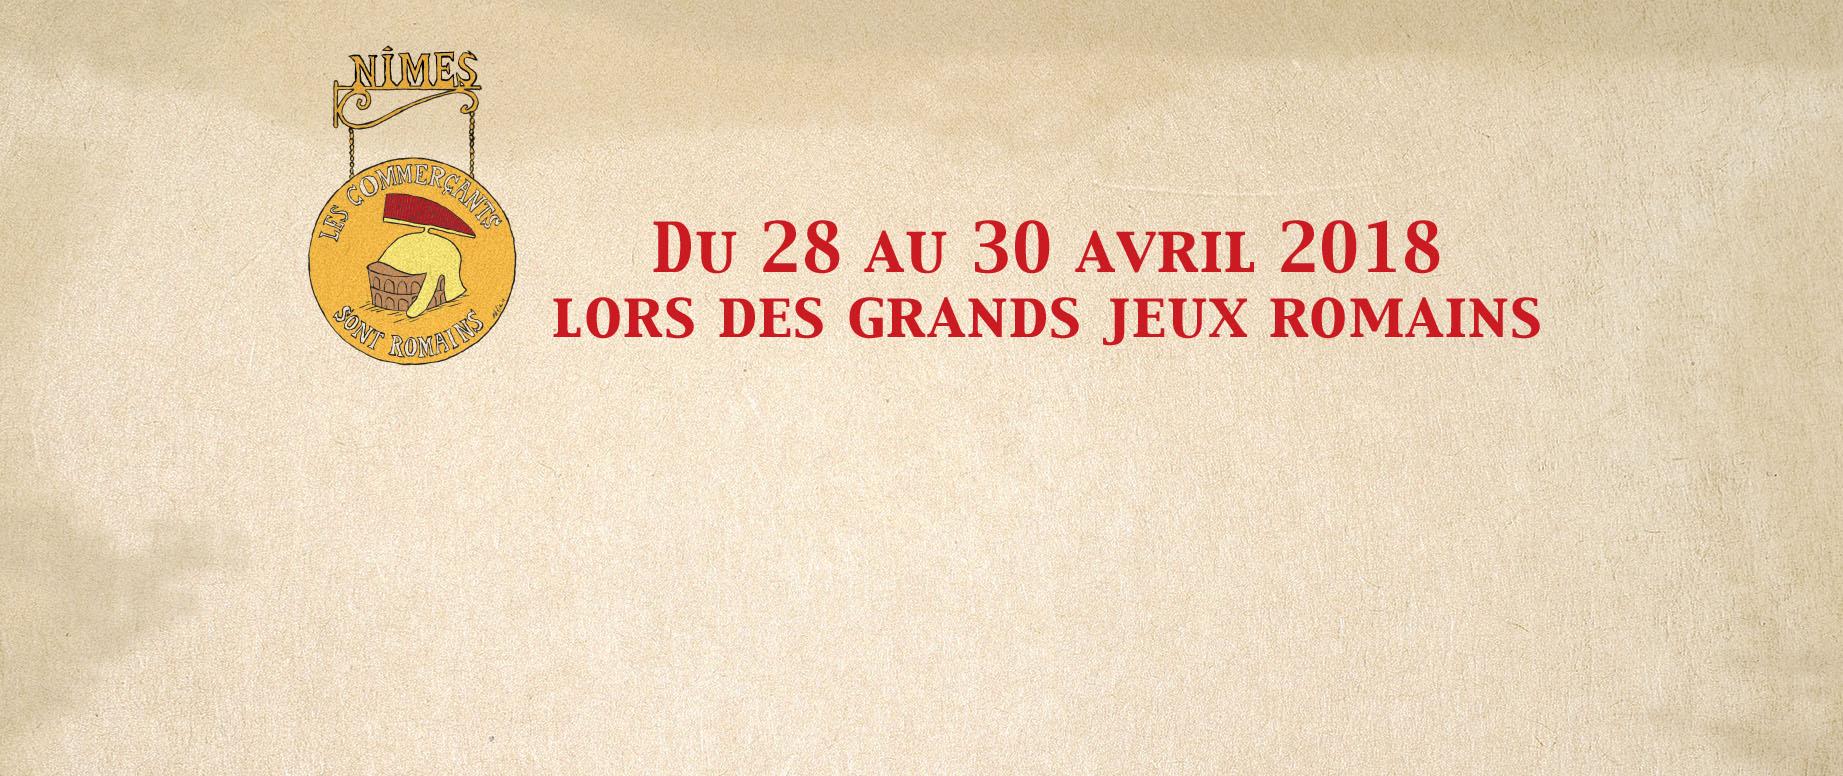 Esprit Média Agence de Communication & Agence Evénementielle à Nîmes